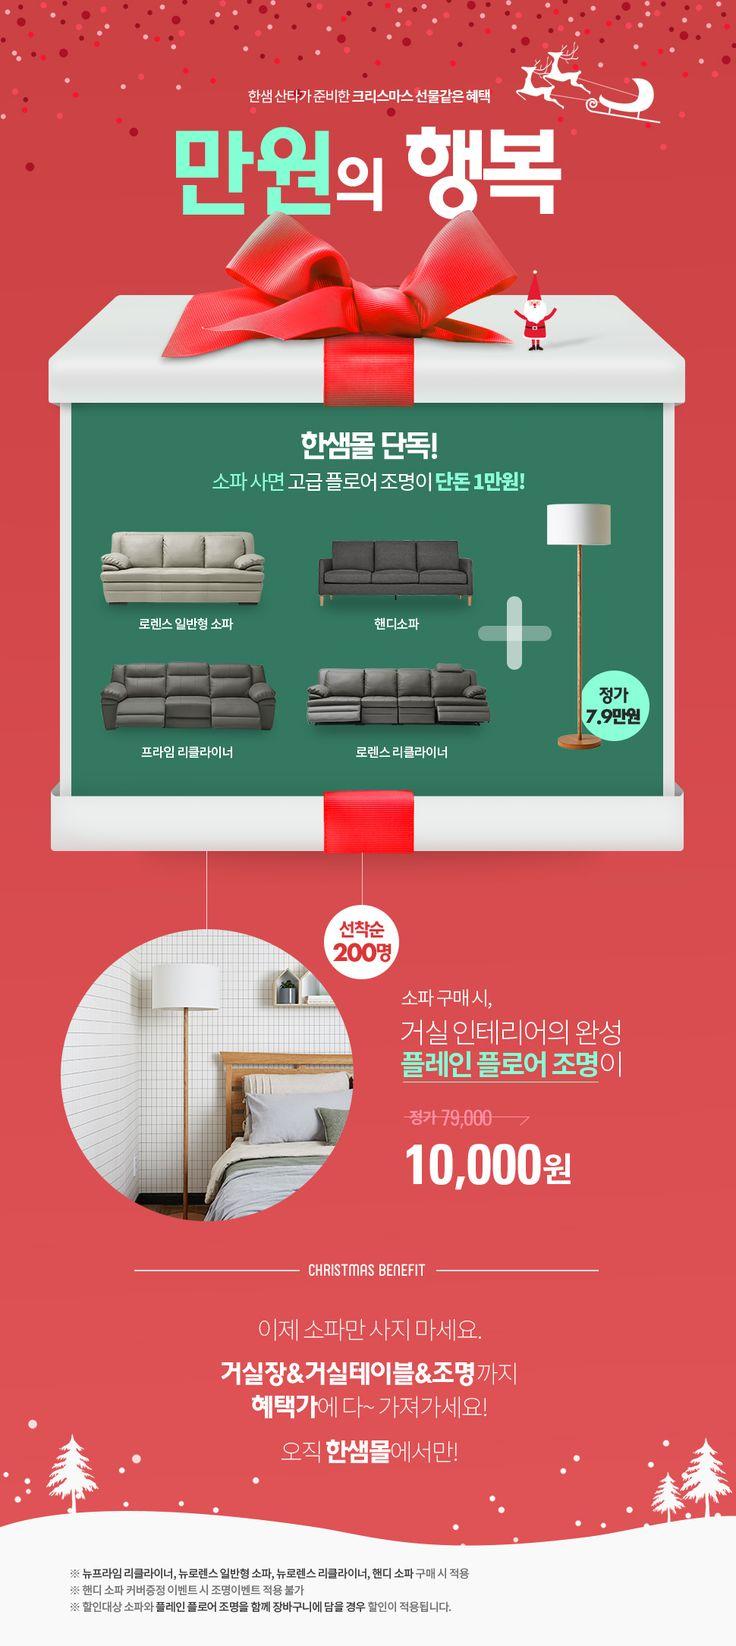 [소파거실] 국민 리클라이너_프라임 - 한샘몰